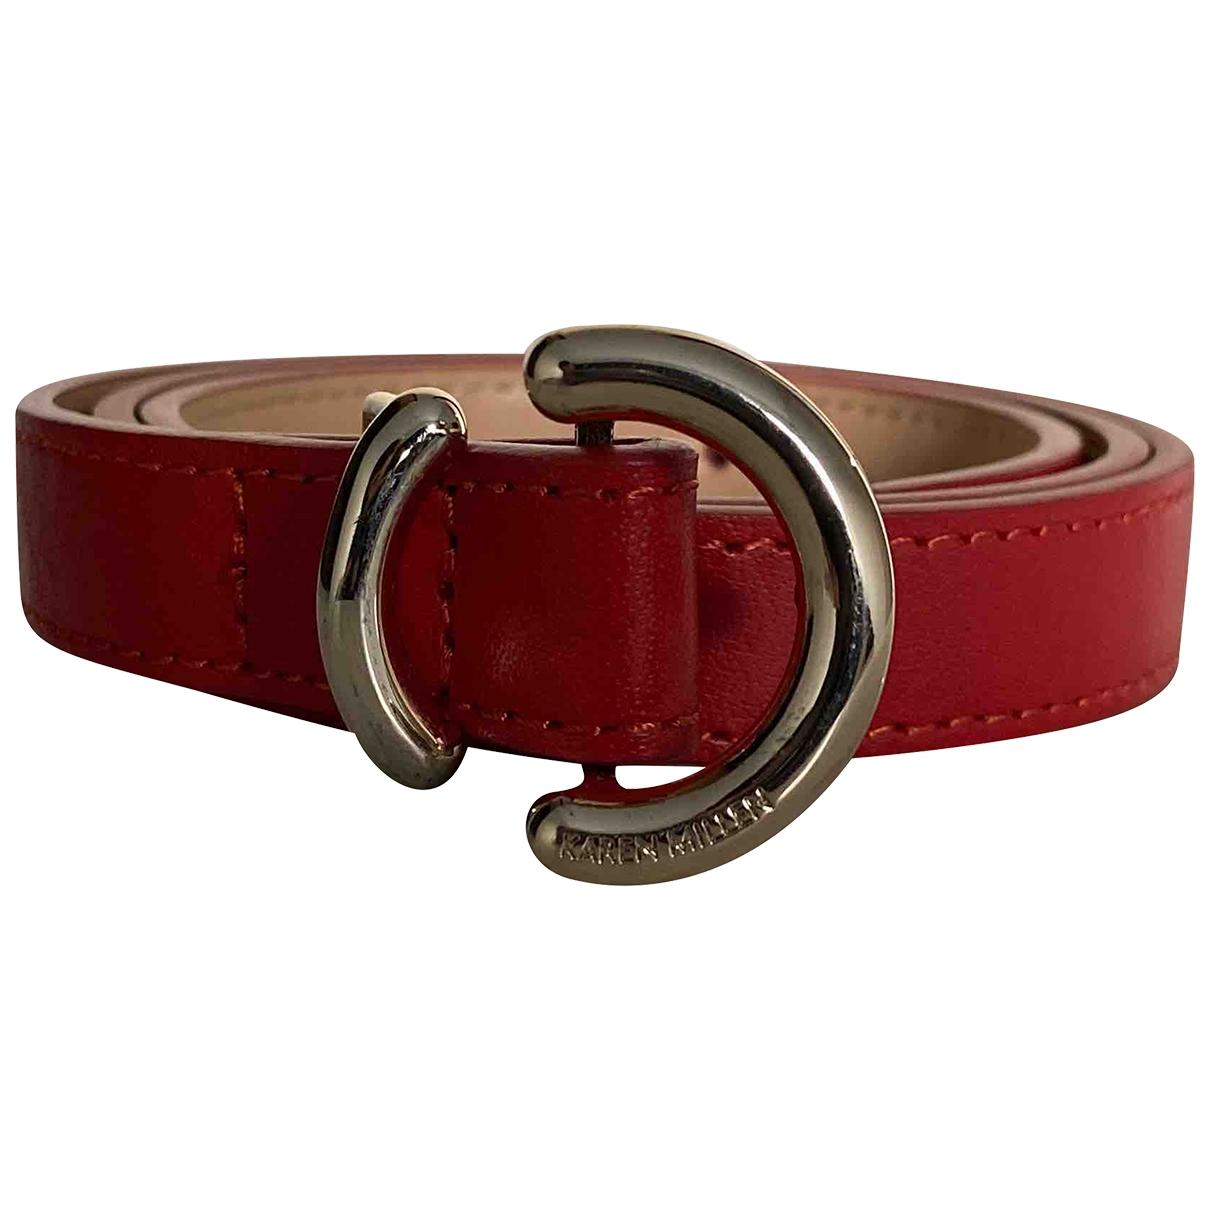 Cinturon de Cuero Karen Millen